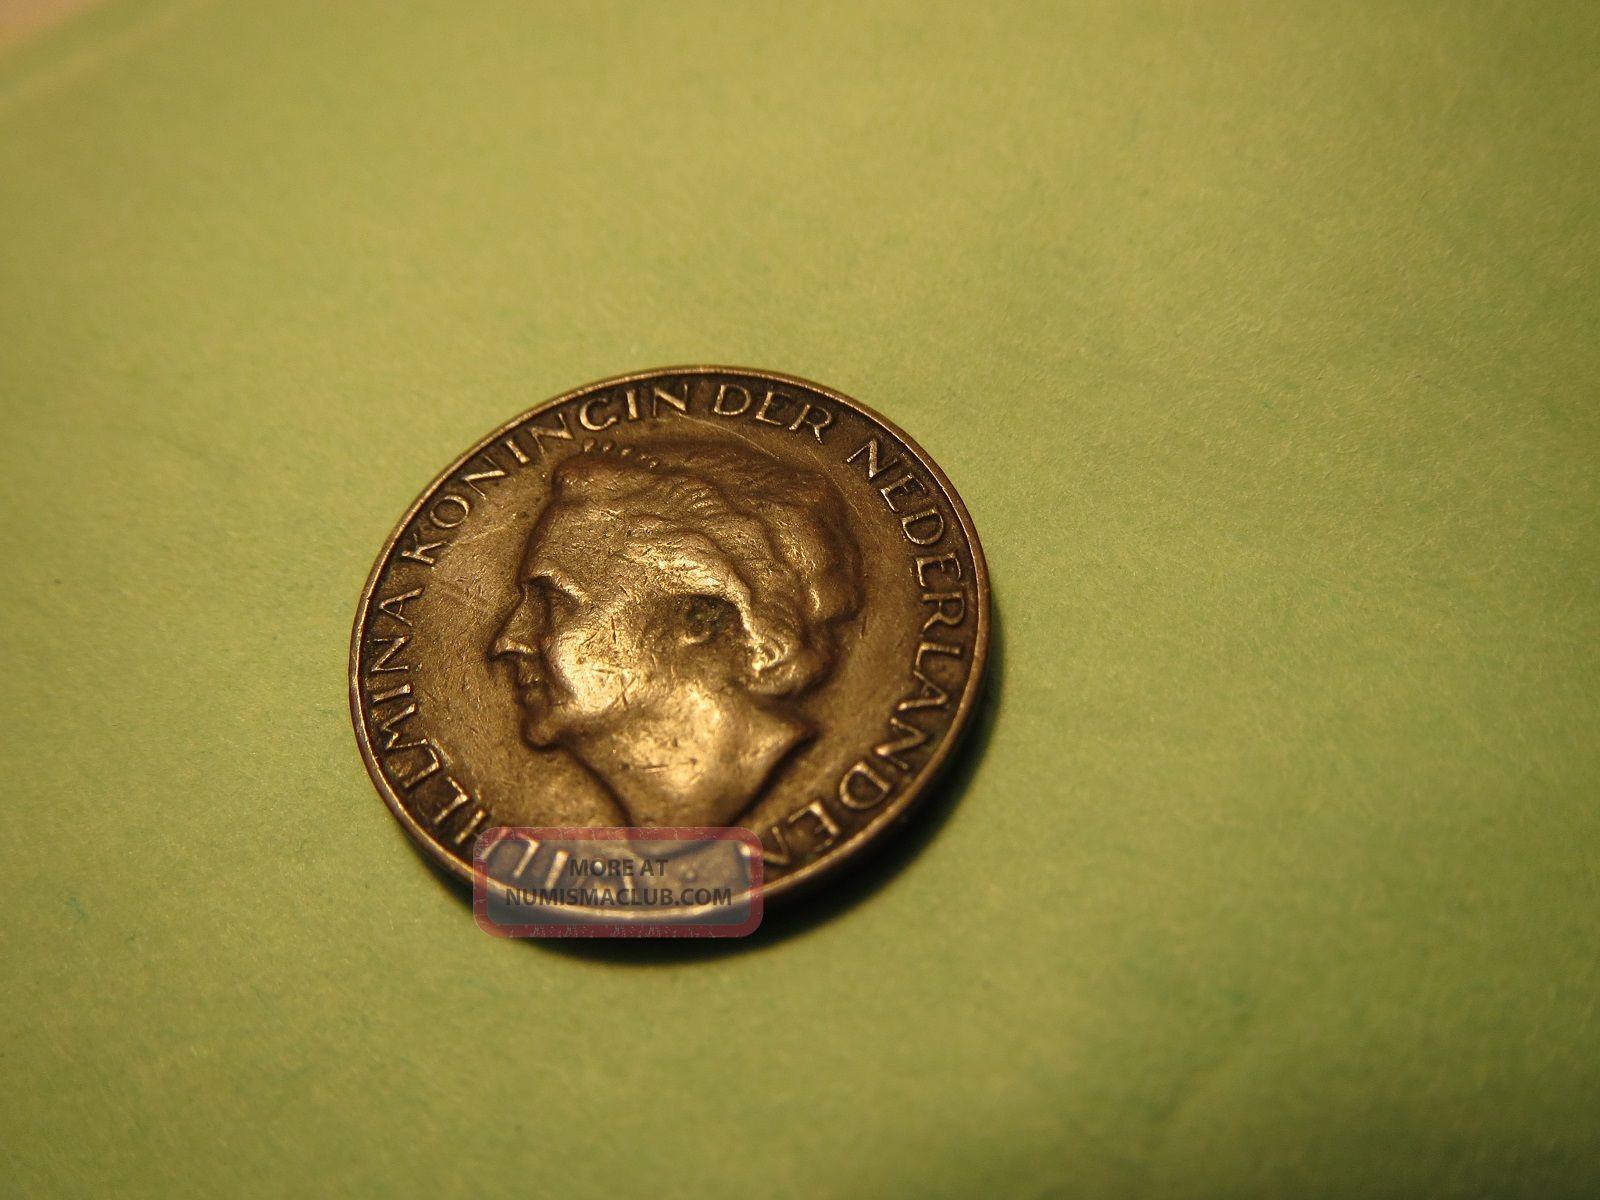 Wilhelmina Koningin Der Nederlanden Netherlands Coin 1948 1 One Cent